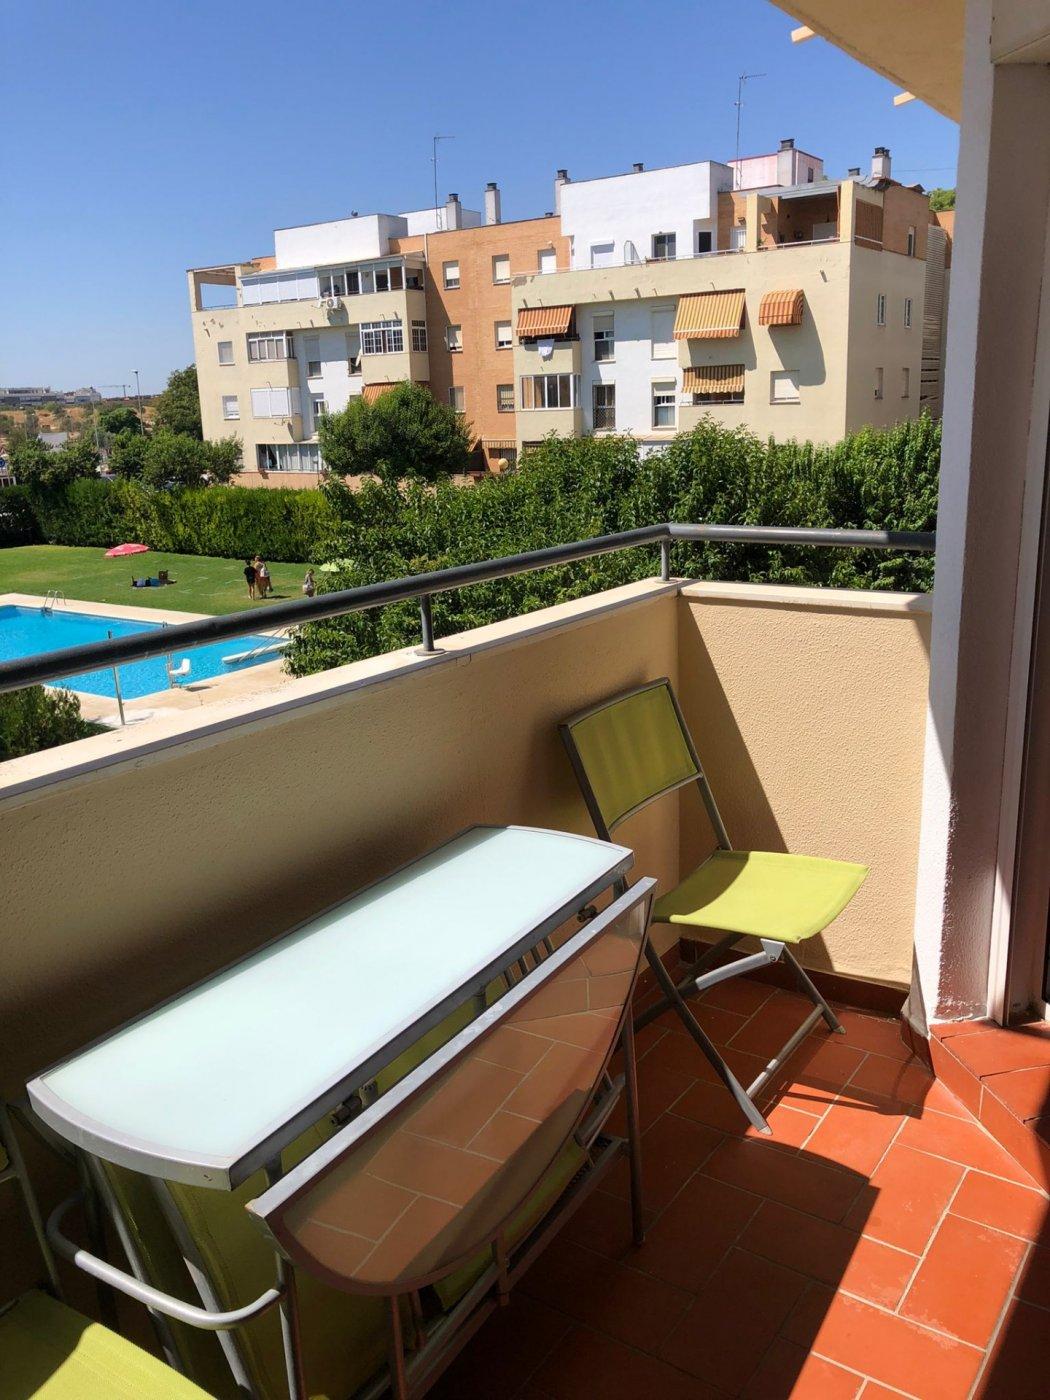 Piso de alquiler en urbanizacion con piscina en mairena del aljarafe - imagenInmueble5